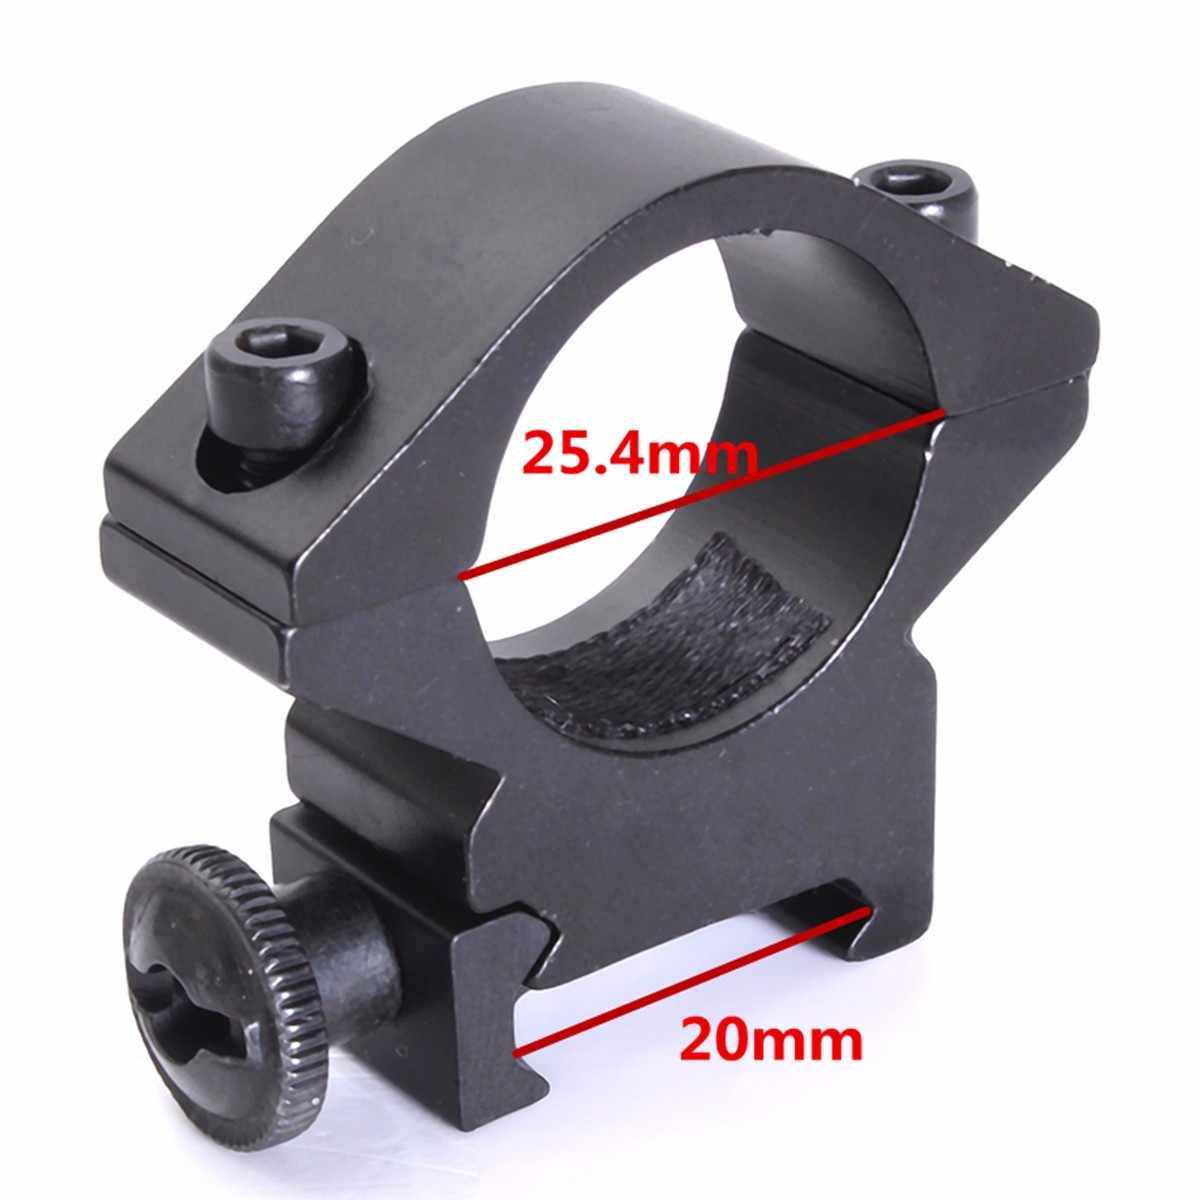 פנס מחזיק אופטי סוגר 25.4mm נמוך פרופיל היקף טבעת חור-הר לפיד הר מחזיקי Fit עבור 20mm יבר מסילות